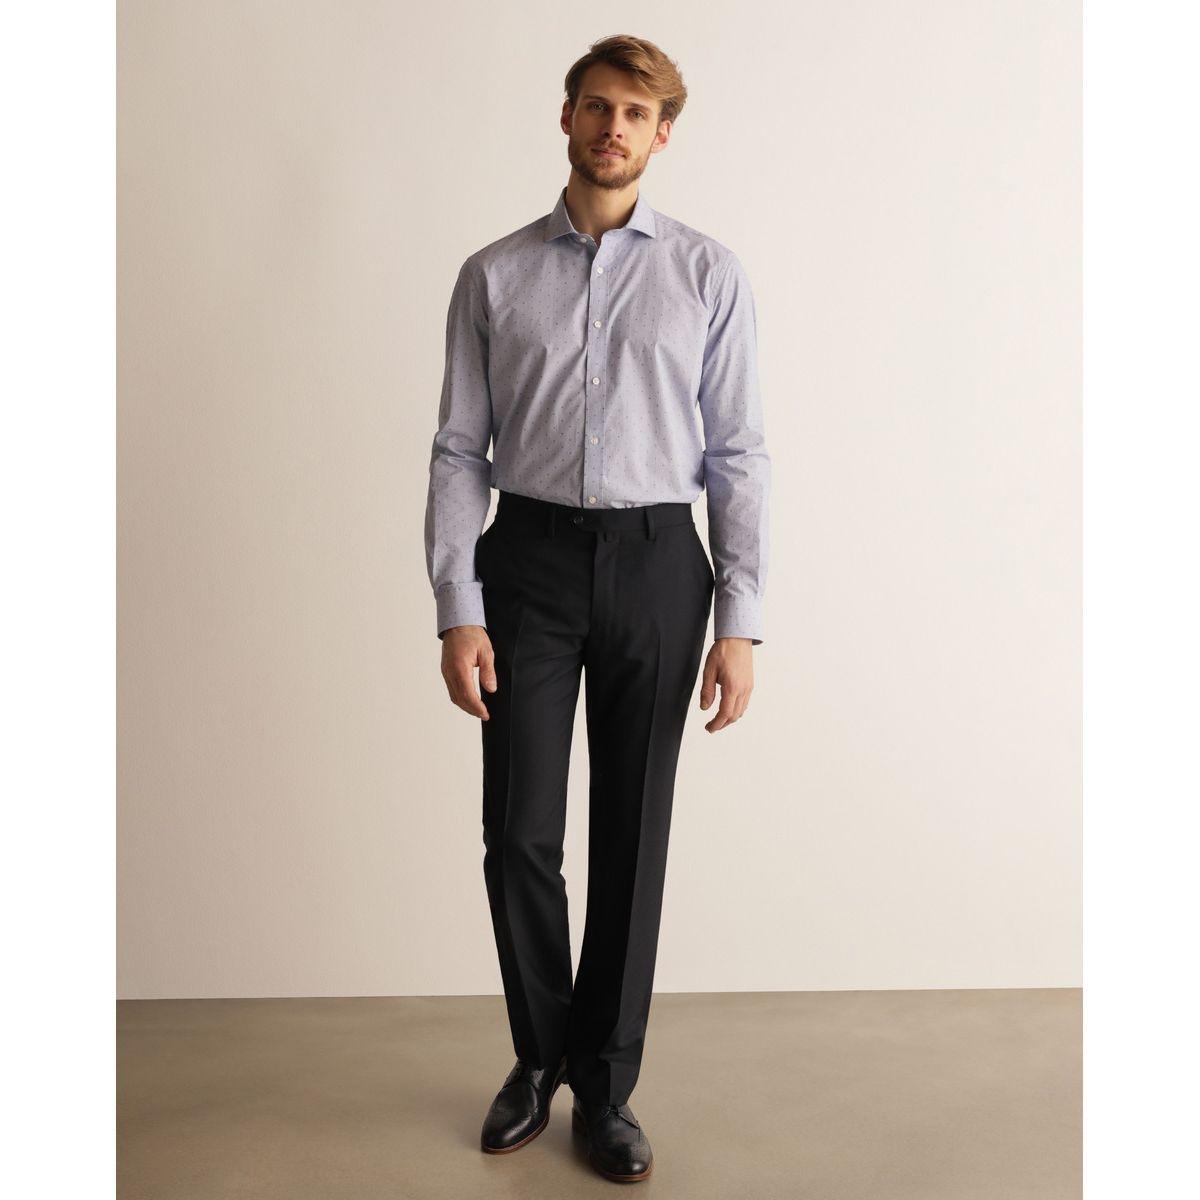 Pantalon habillé regular bleu